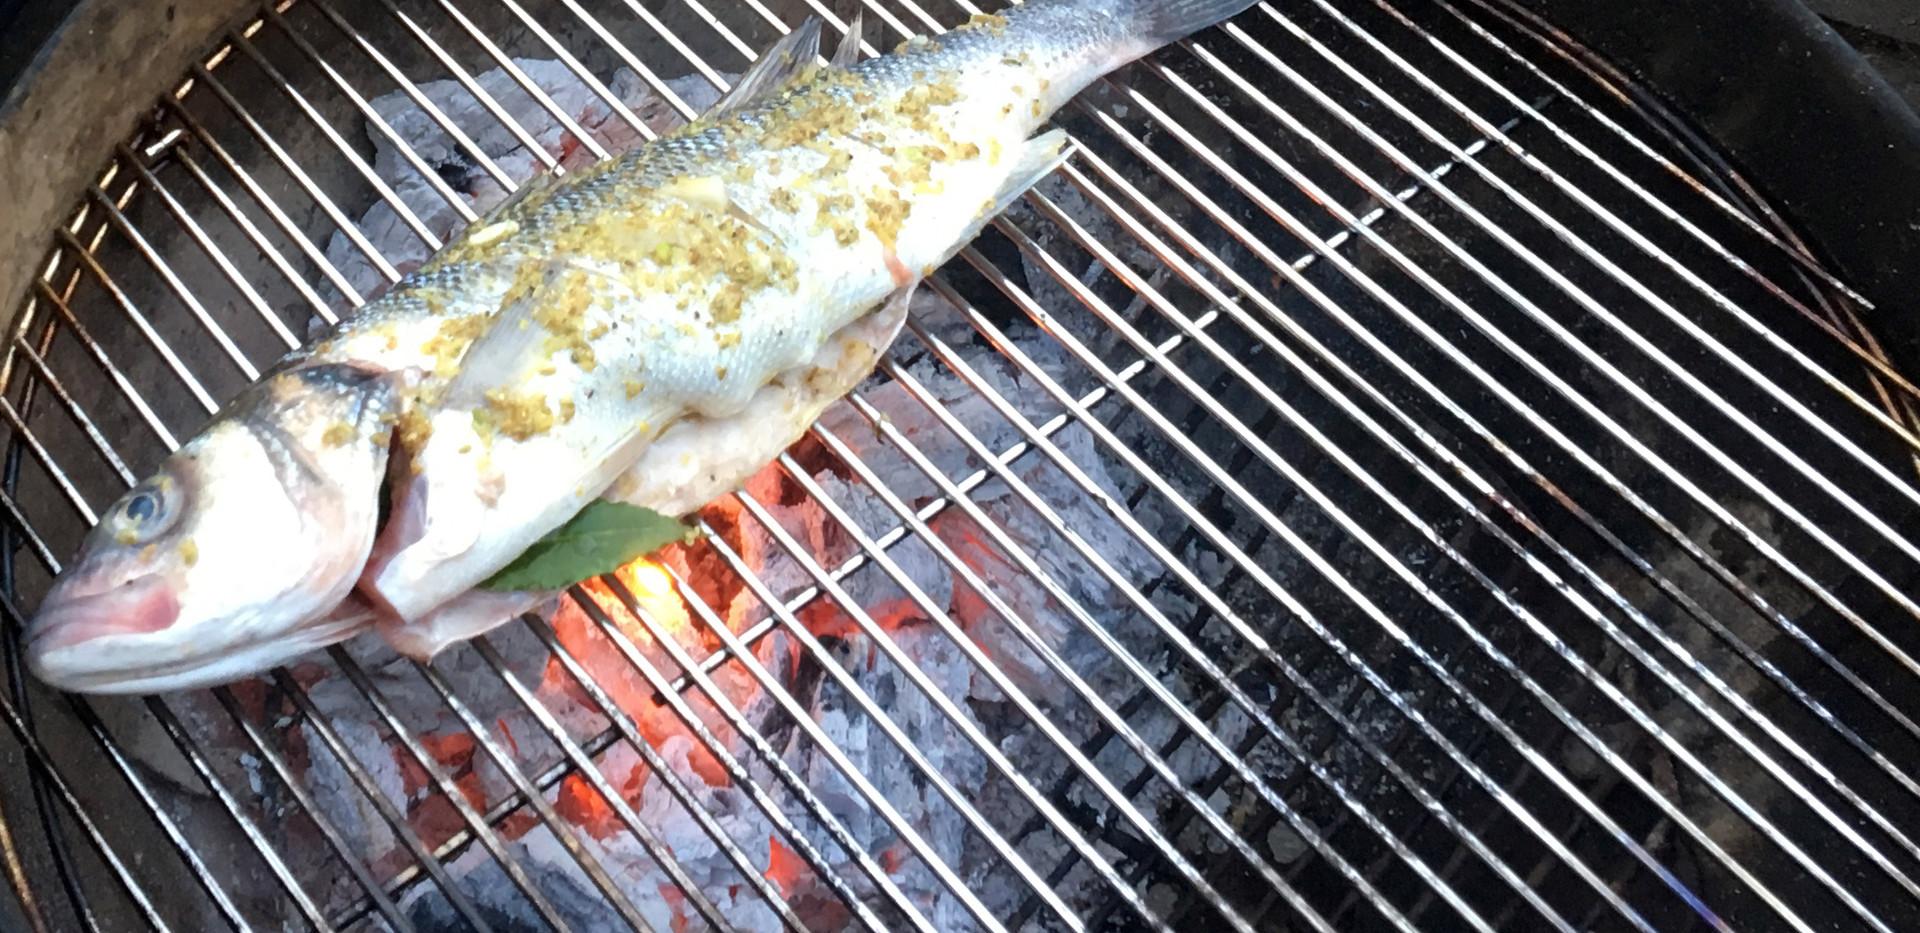 PrinceAlbertfish